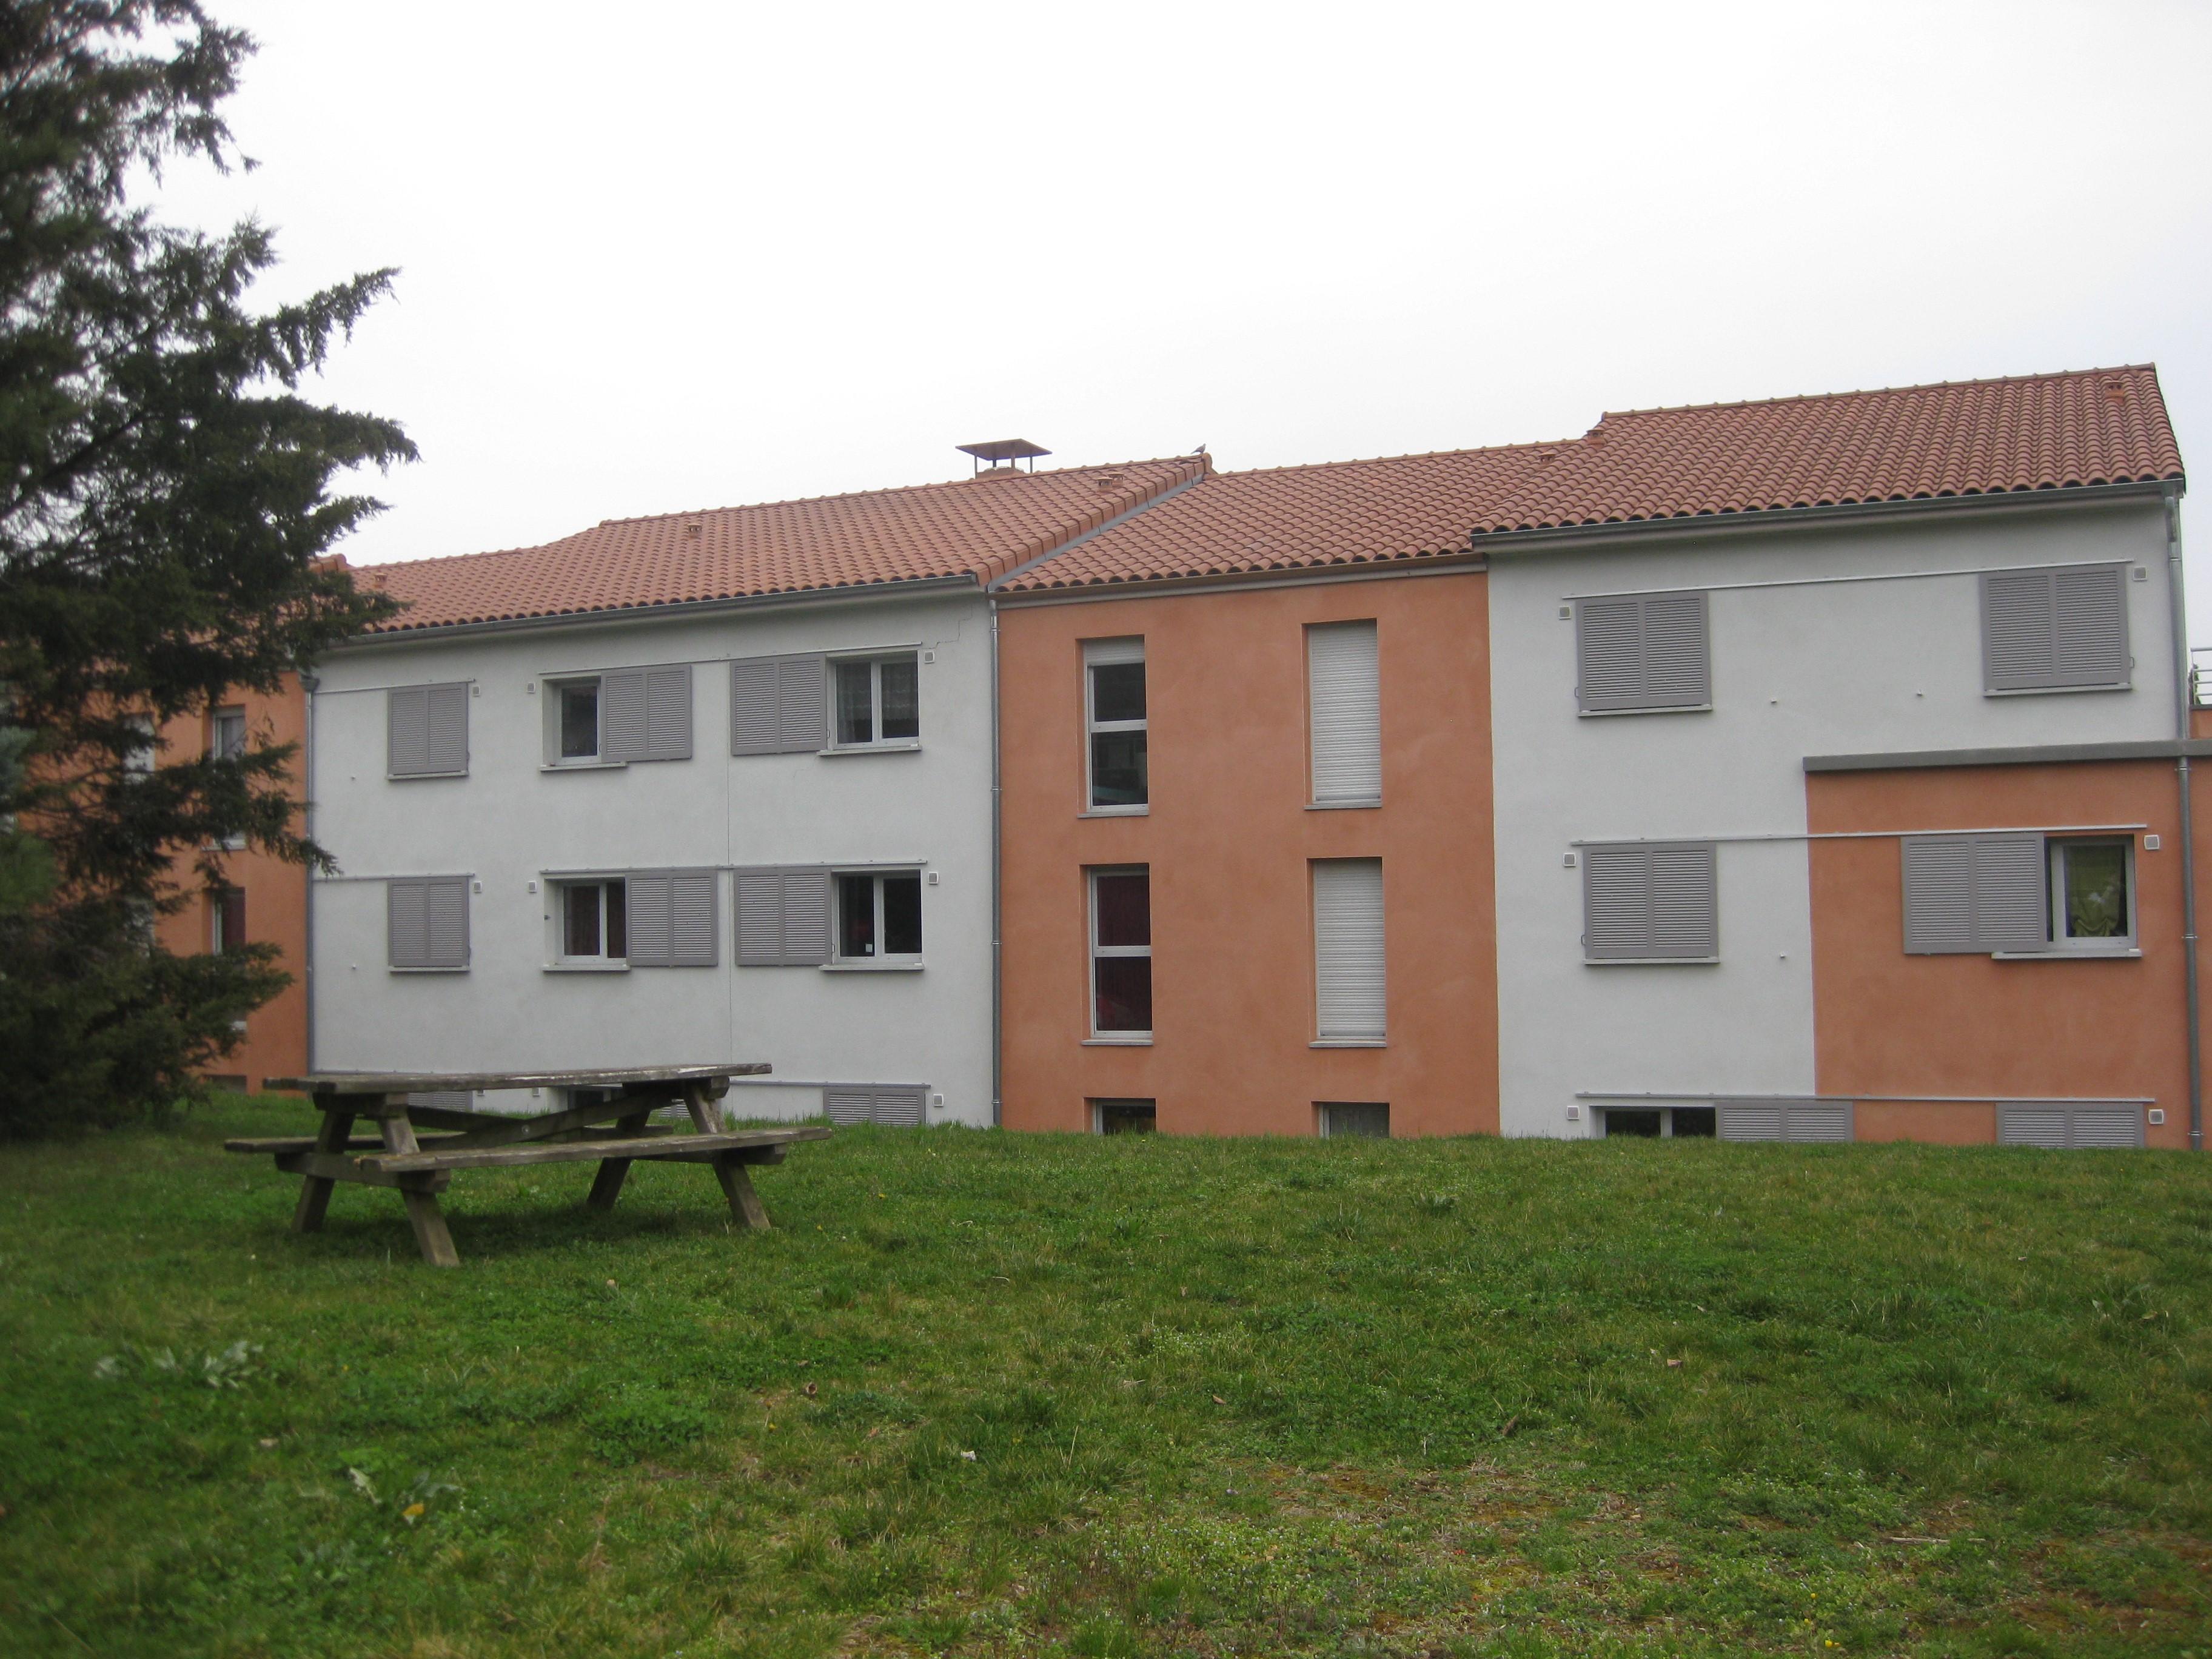 Logement �tudiant BILLON BOUVET BONNAMOUR - LES CHAZELLES I & II  - Saint-Genis-Laval (69230)